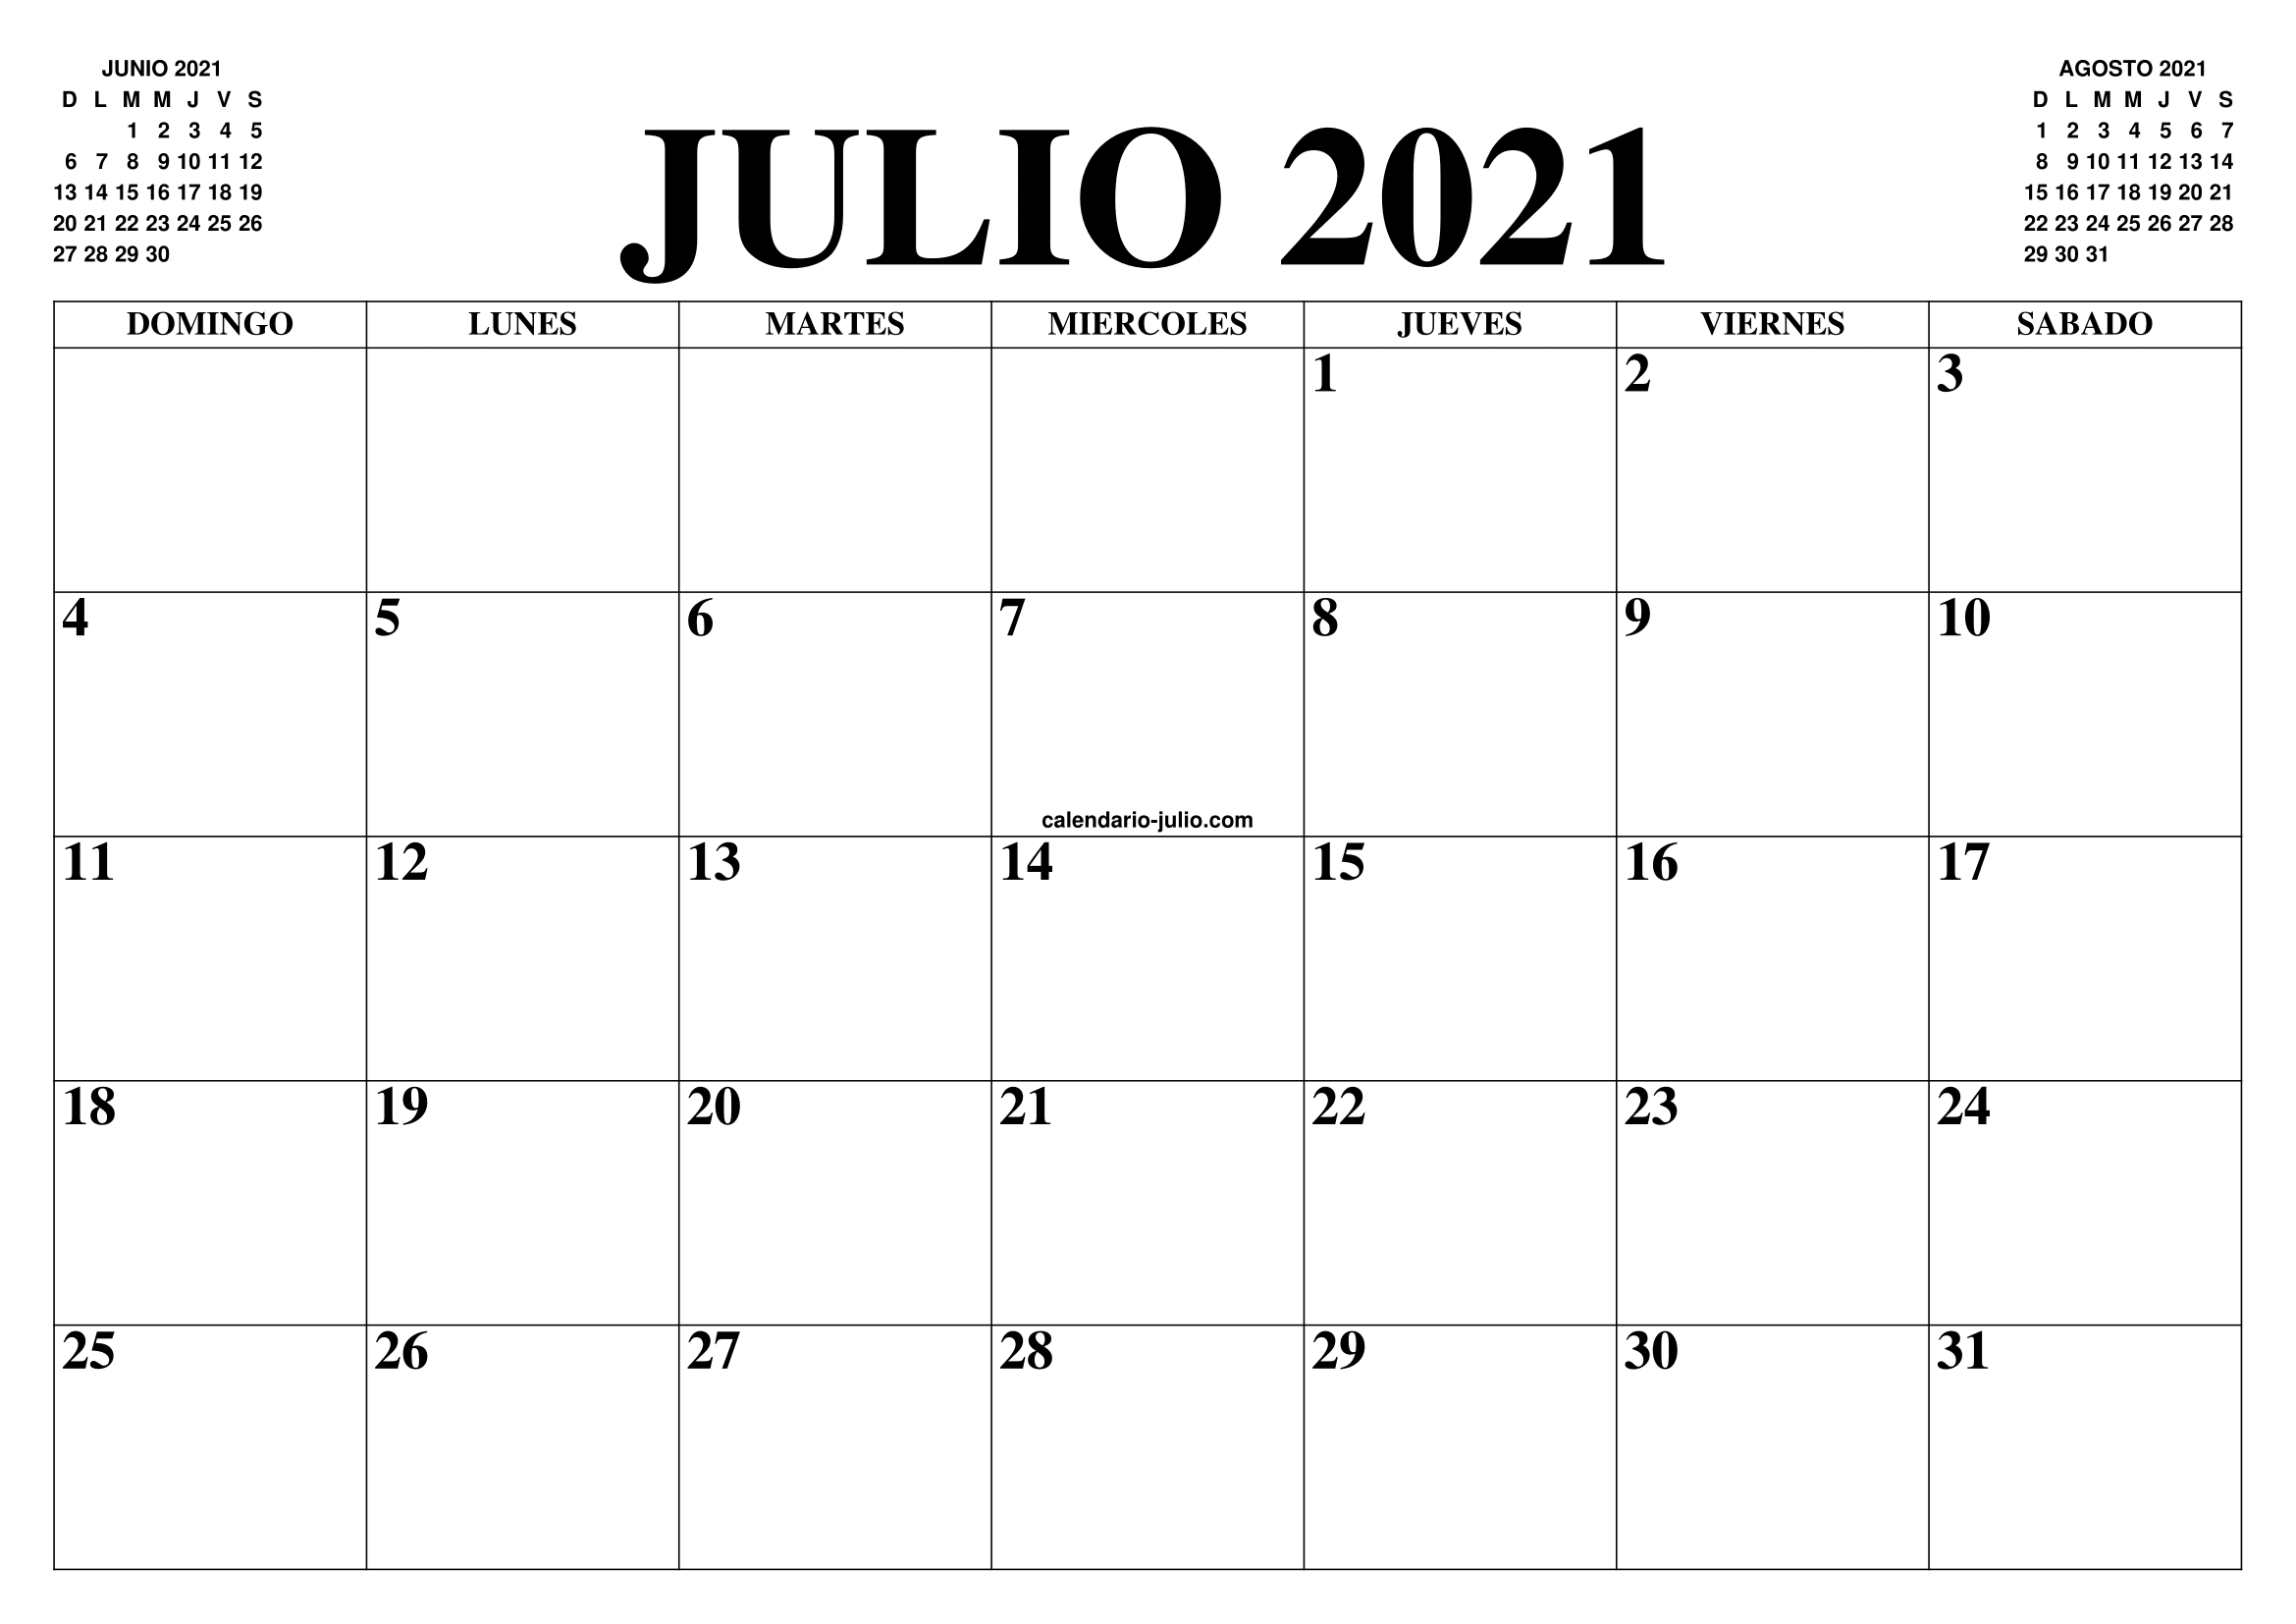 CALENDARIO JULIO 2021 : EL CALENDARIO JULIO PARA IMPRIMIR GRATIS